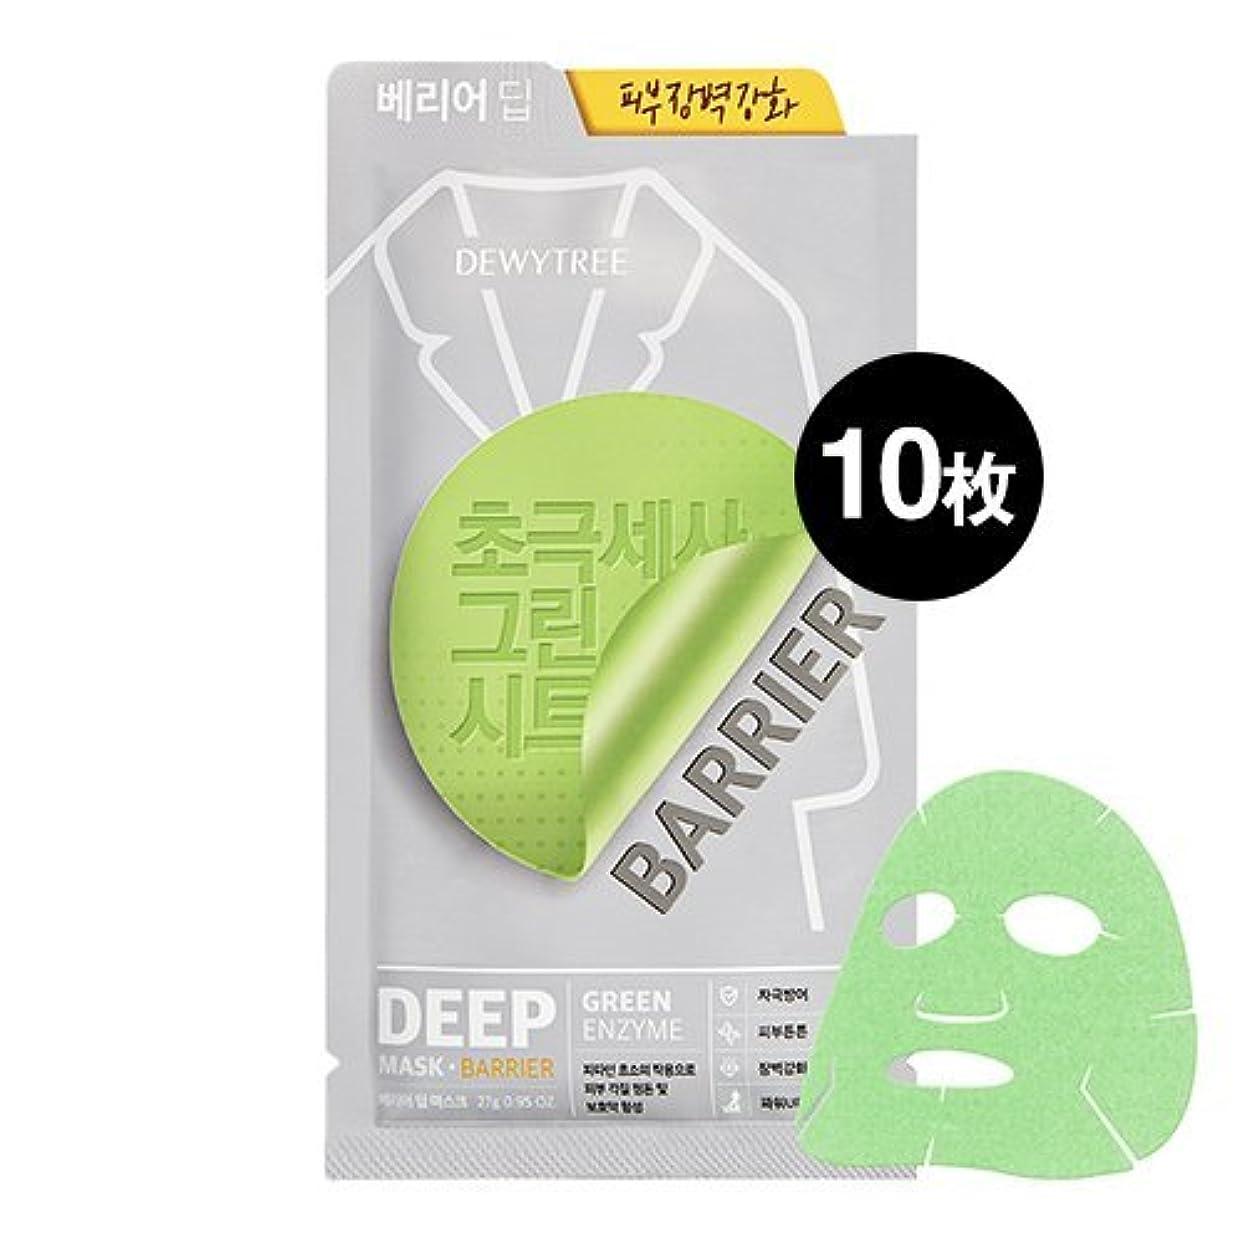 ヒステリックメトリックビュッフェ(デューイトゥリー) DEWYTREE バリアディープマスク 10枚 Barrier Deep Mask 韓国マスクパック (並行輸入品)